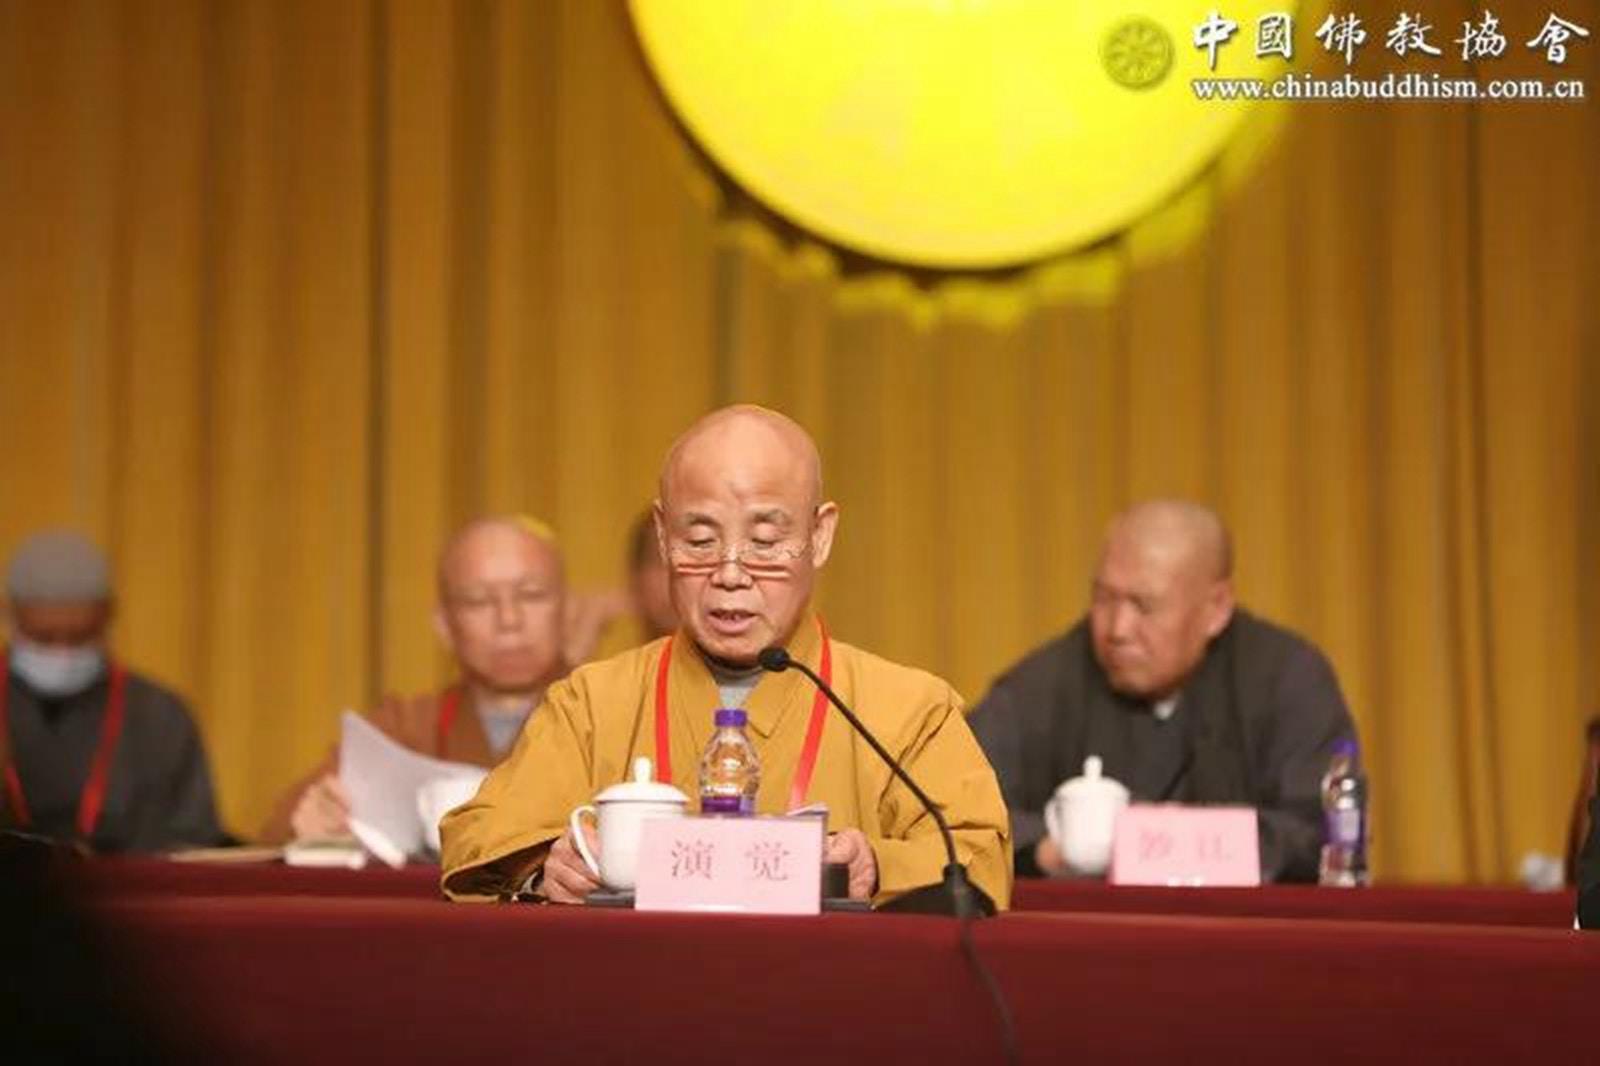 原副會長釋演覺出任中國佛教協會會長 前任曾陷性侵醜聞|香港01|即時中國